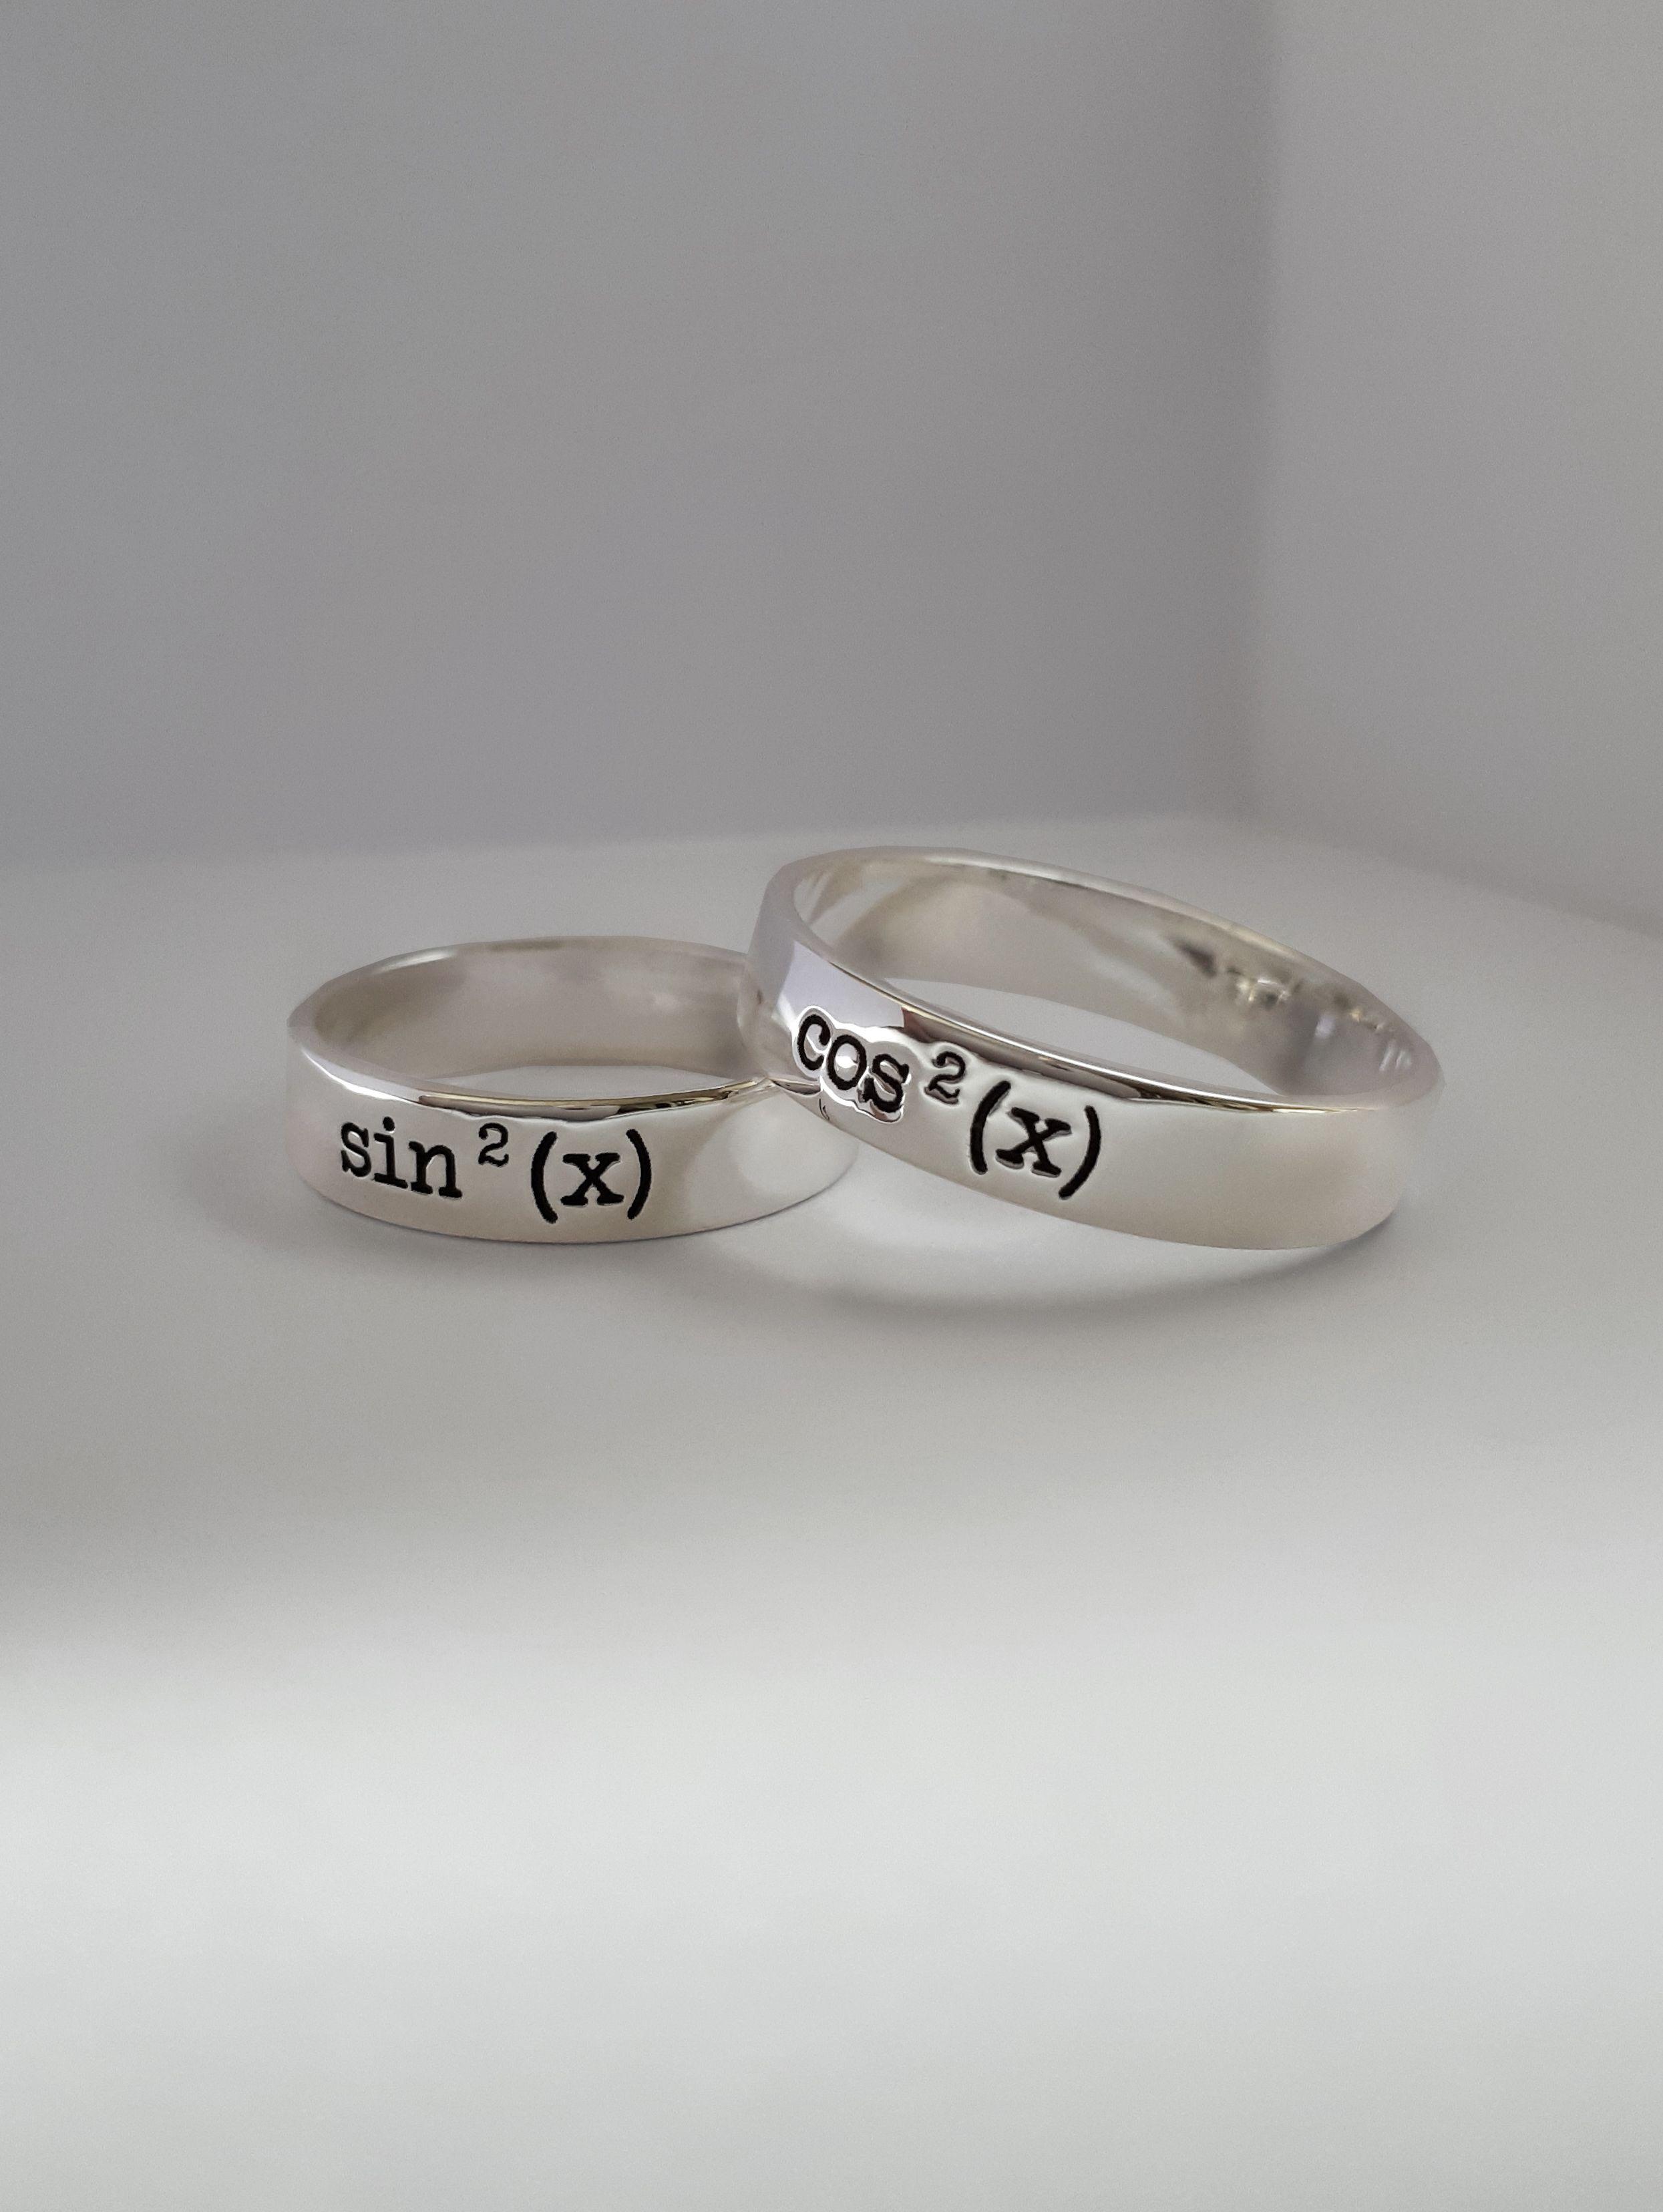 6c347a36df39 Argollas de matrimonio personalizadas. Plata mexicana. Envíos a toda la  República.